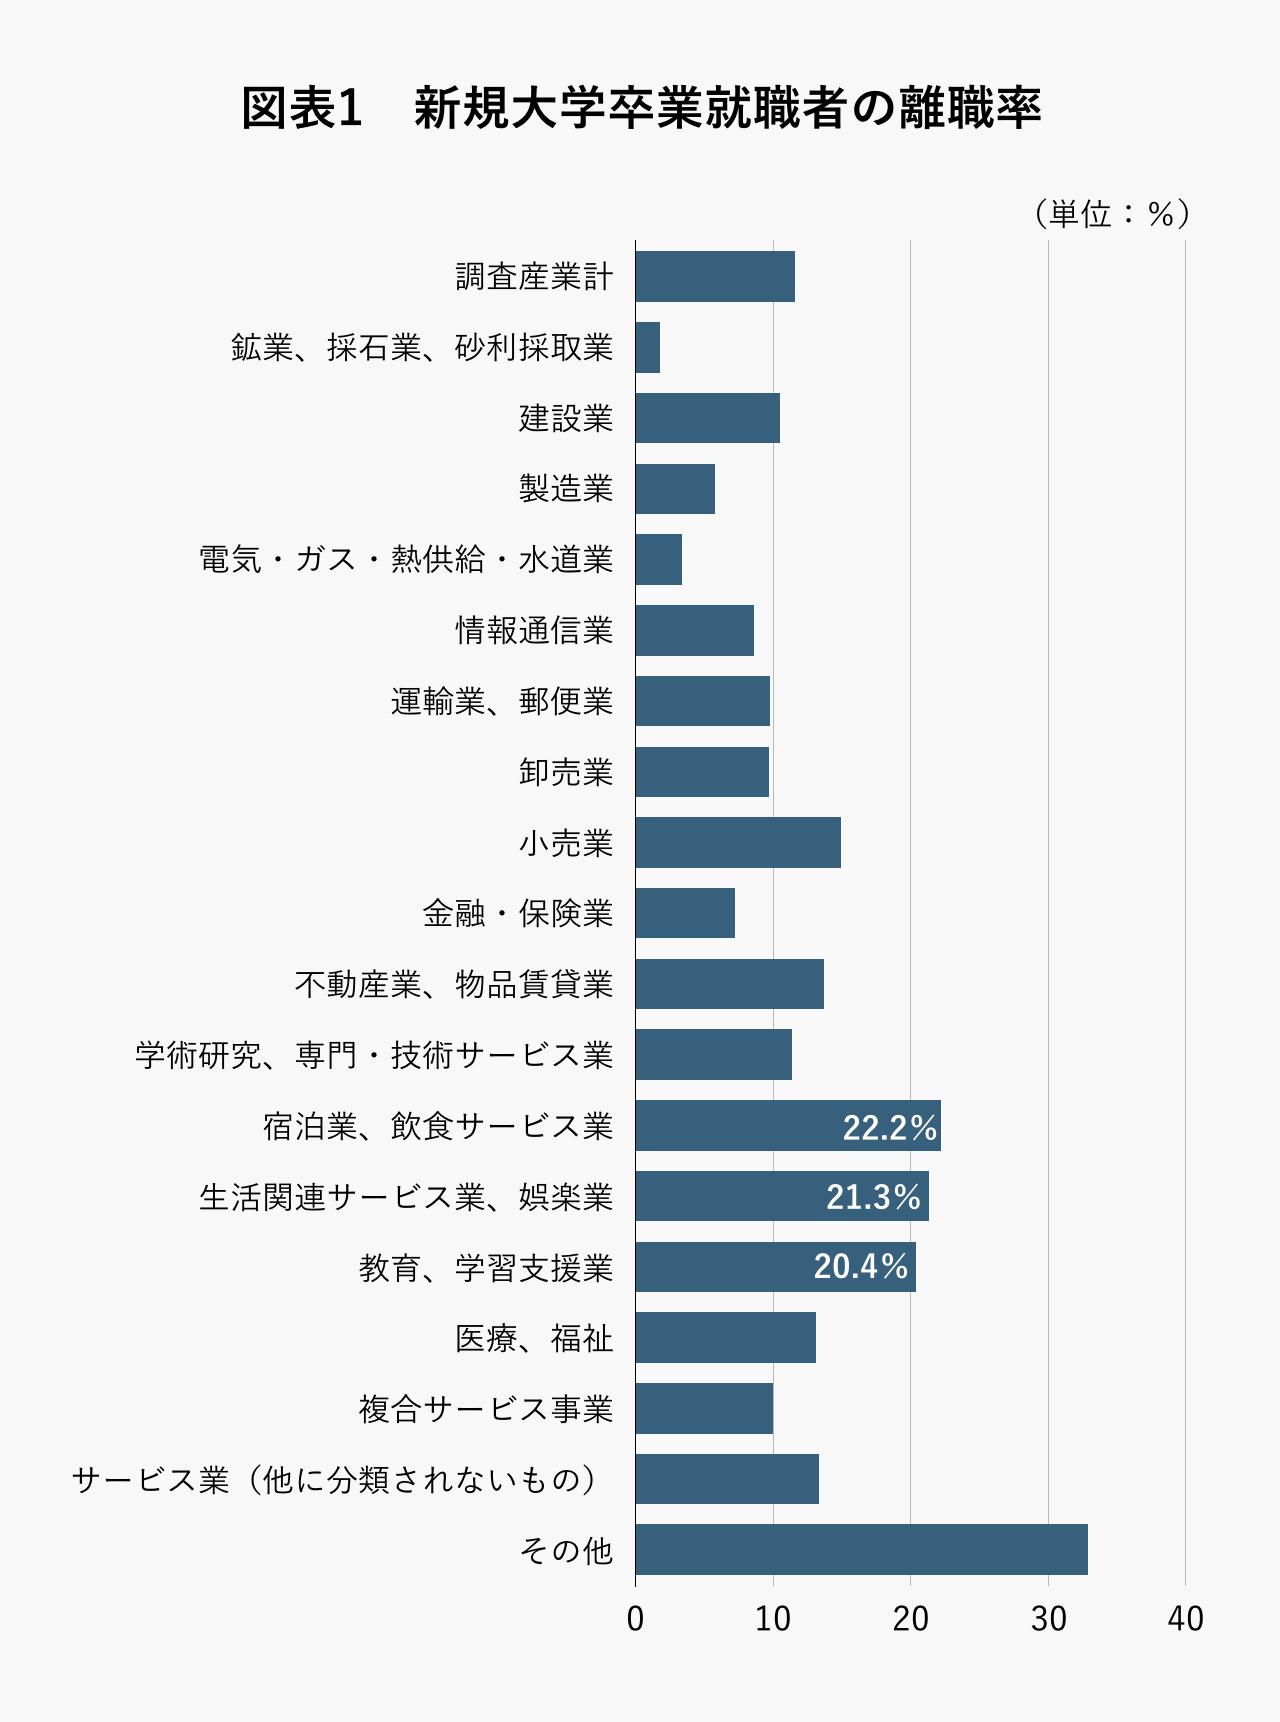 新規大学卒業就職者の離職率